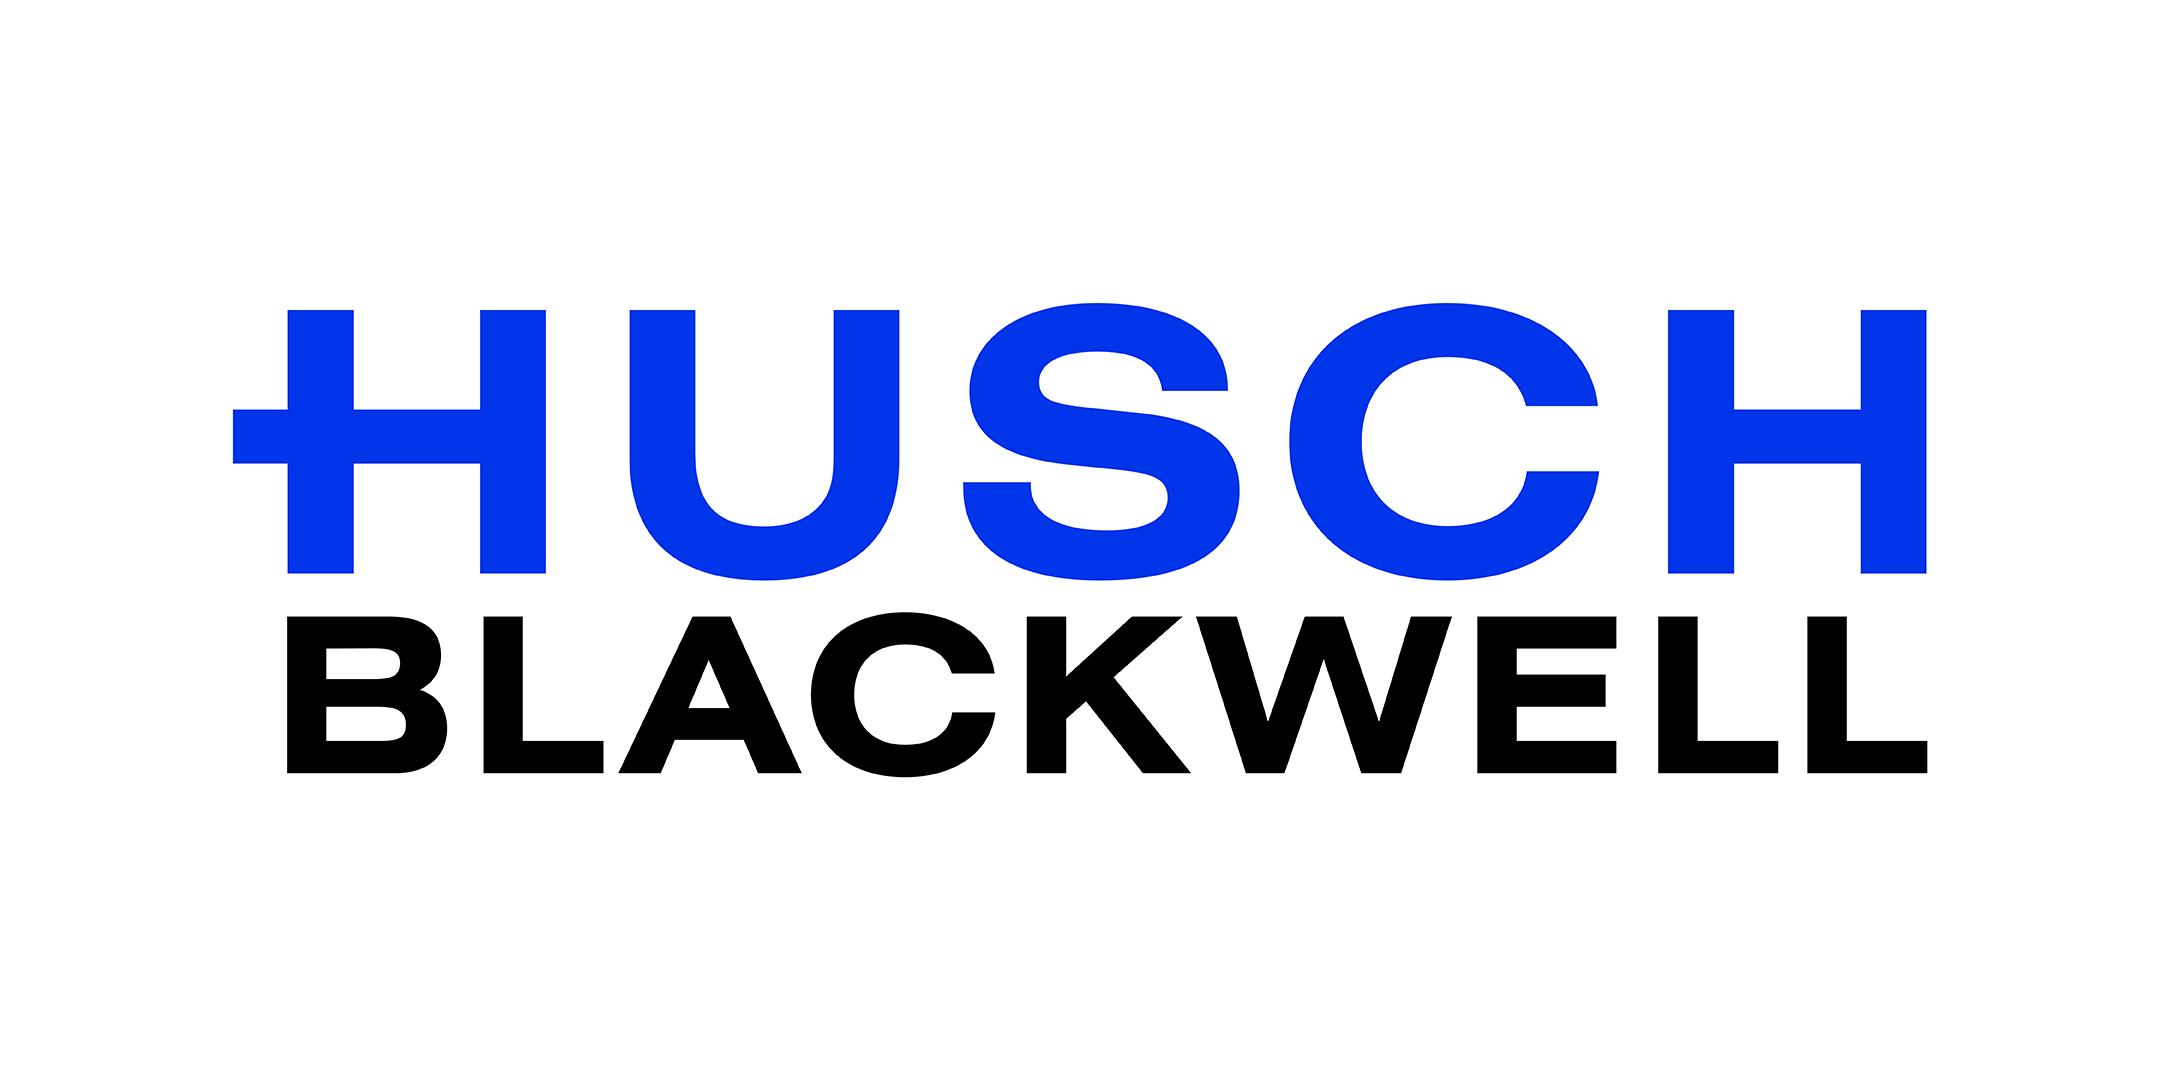 Husch Blackwell logo.jpg